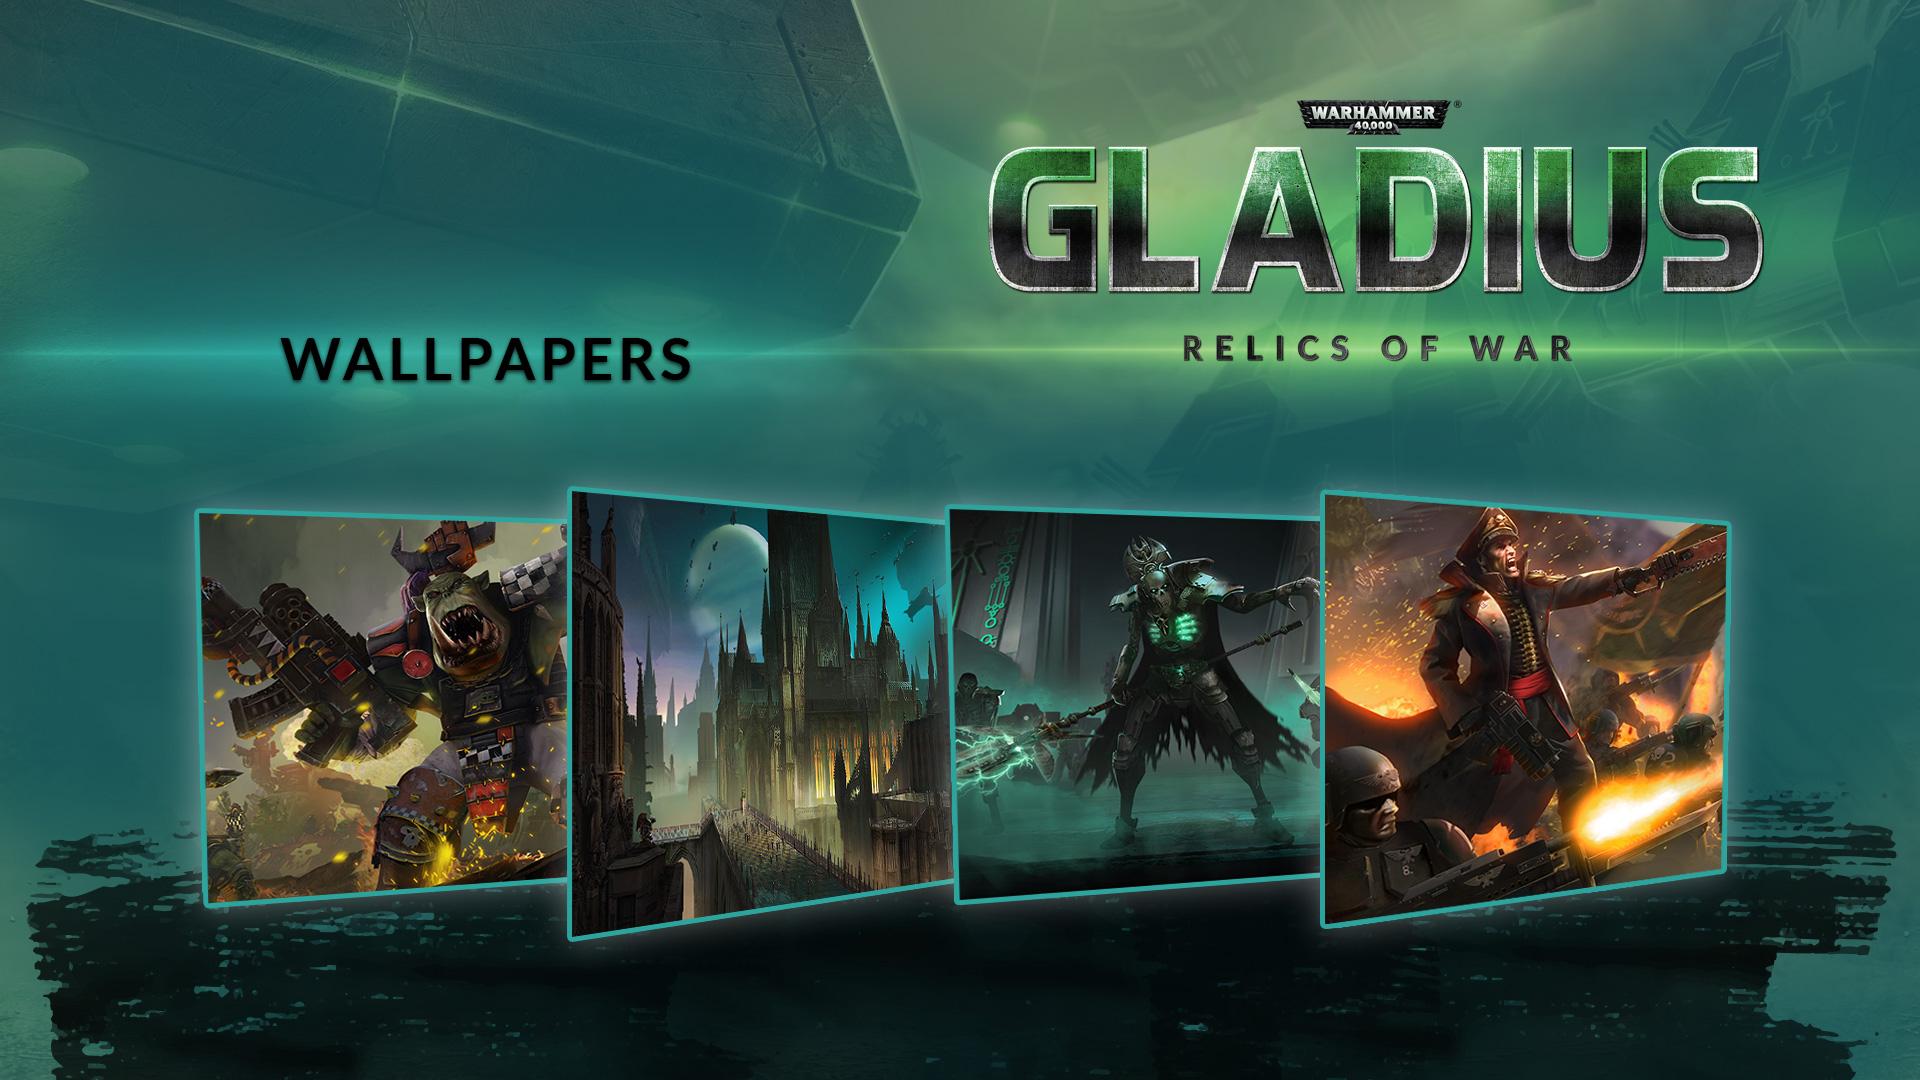 Warhammer 40 000 Gladius Relics Of War Wallpapers Game Dlc